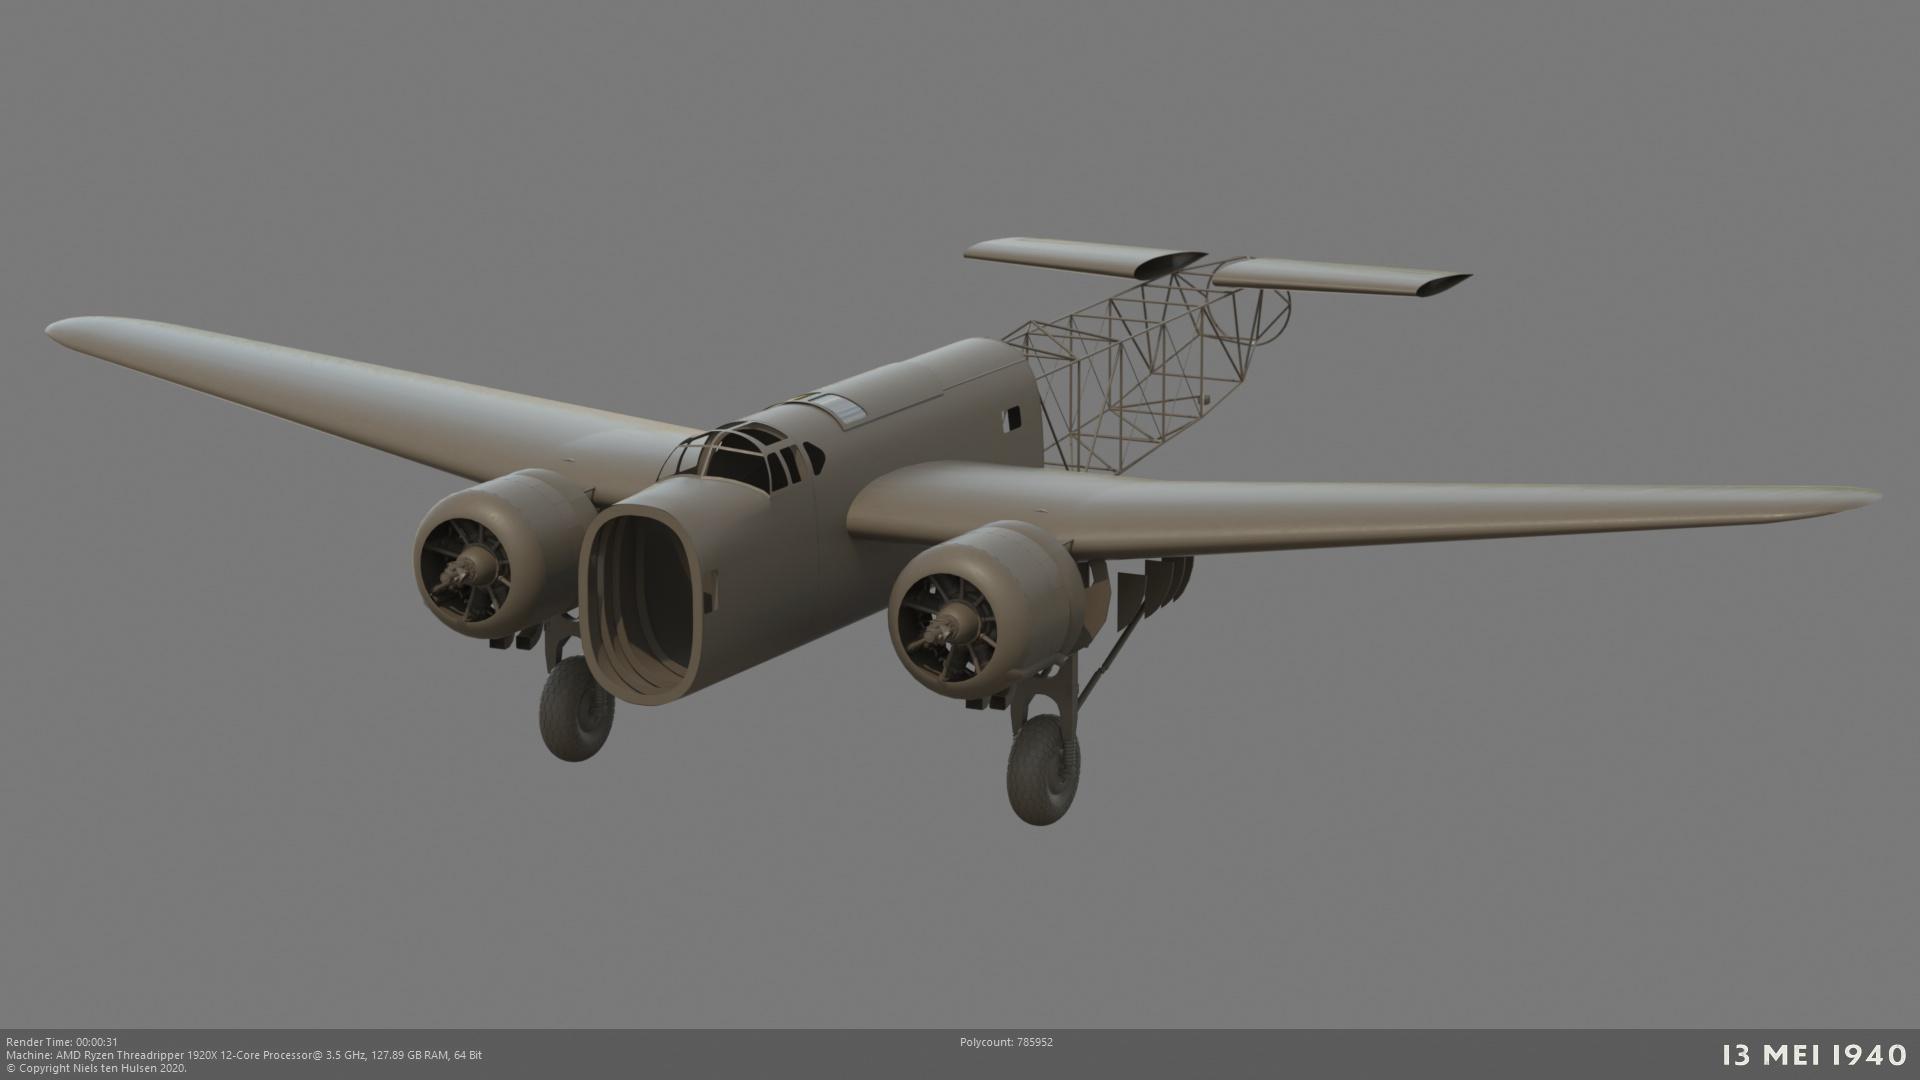 Naam: 001_FokkerT5_motor12.jpg Bekeken: 160 Grootte: 188,3 KB